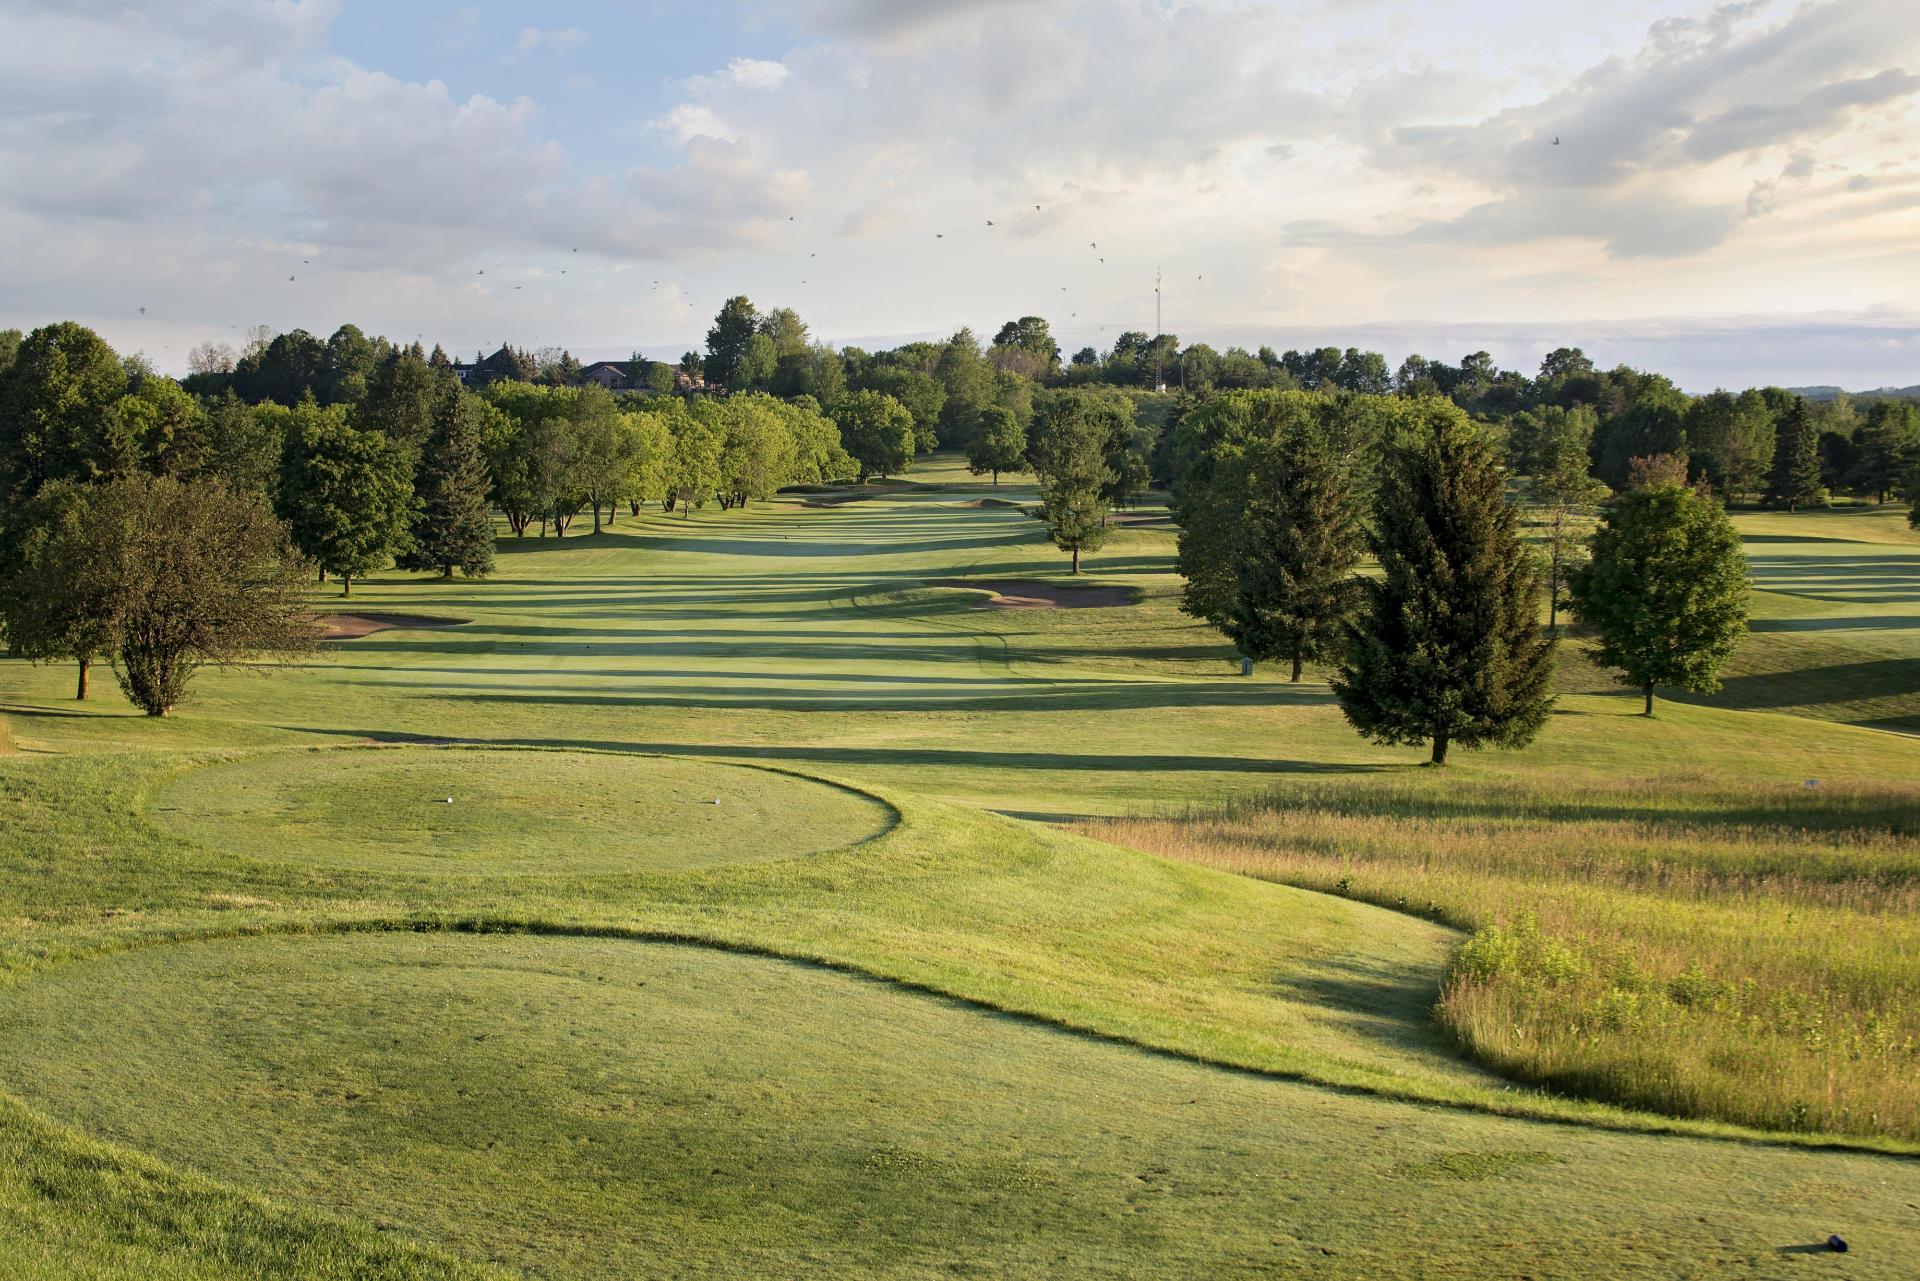 golf course near toronto